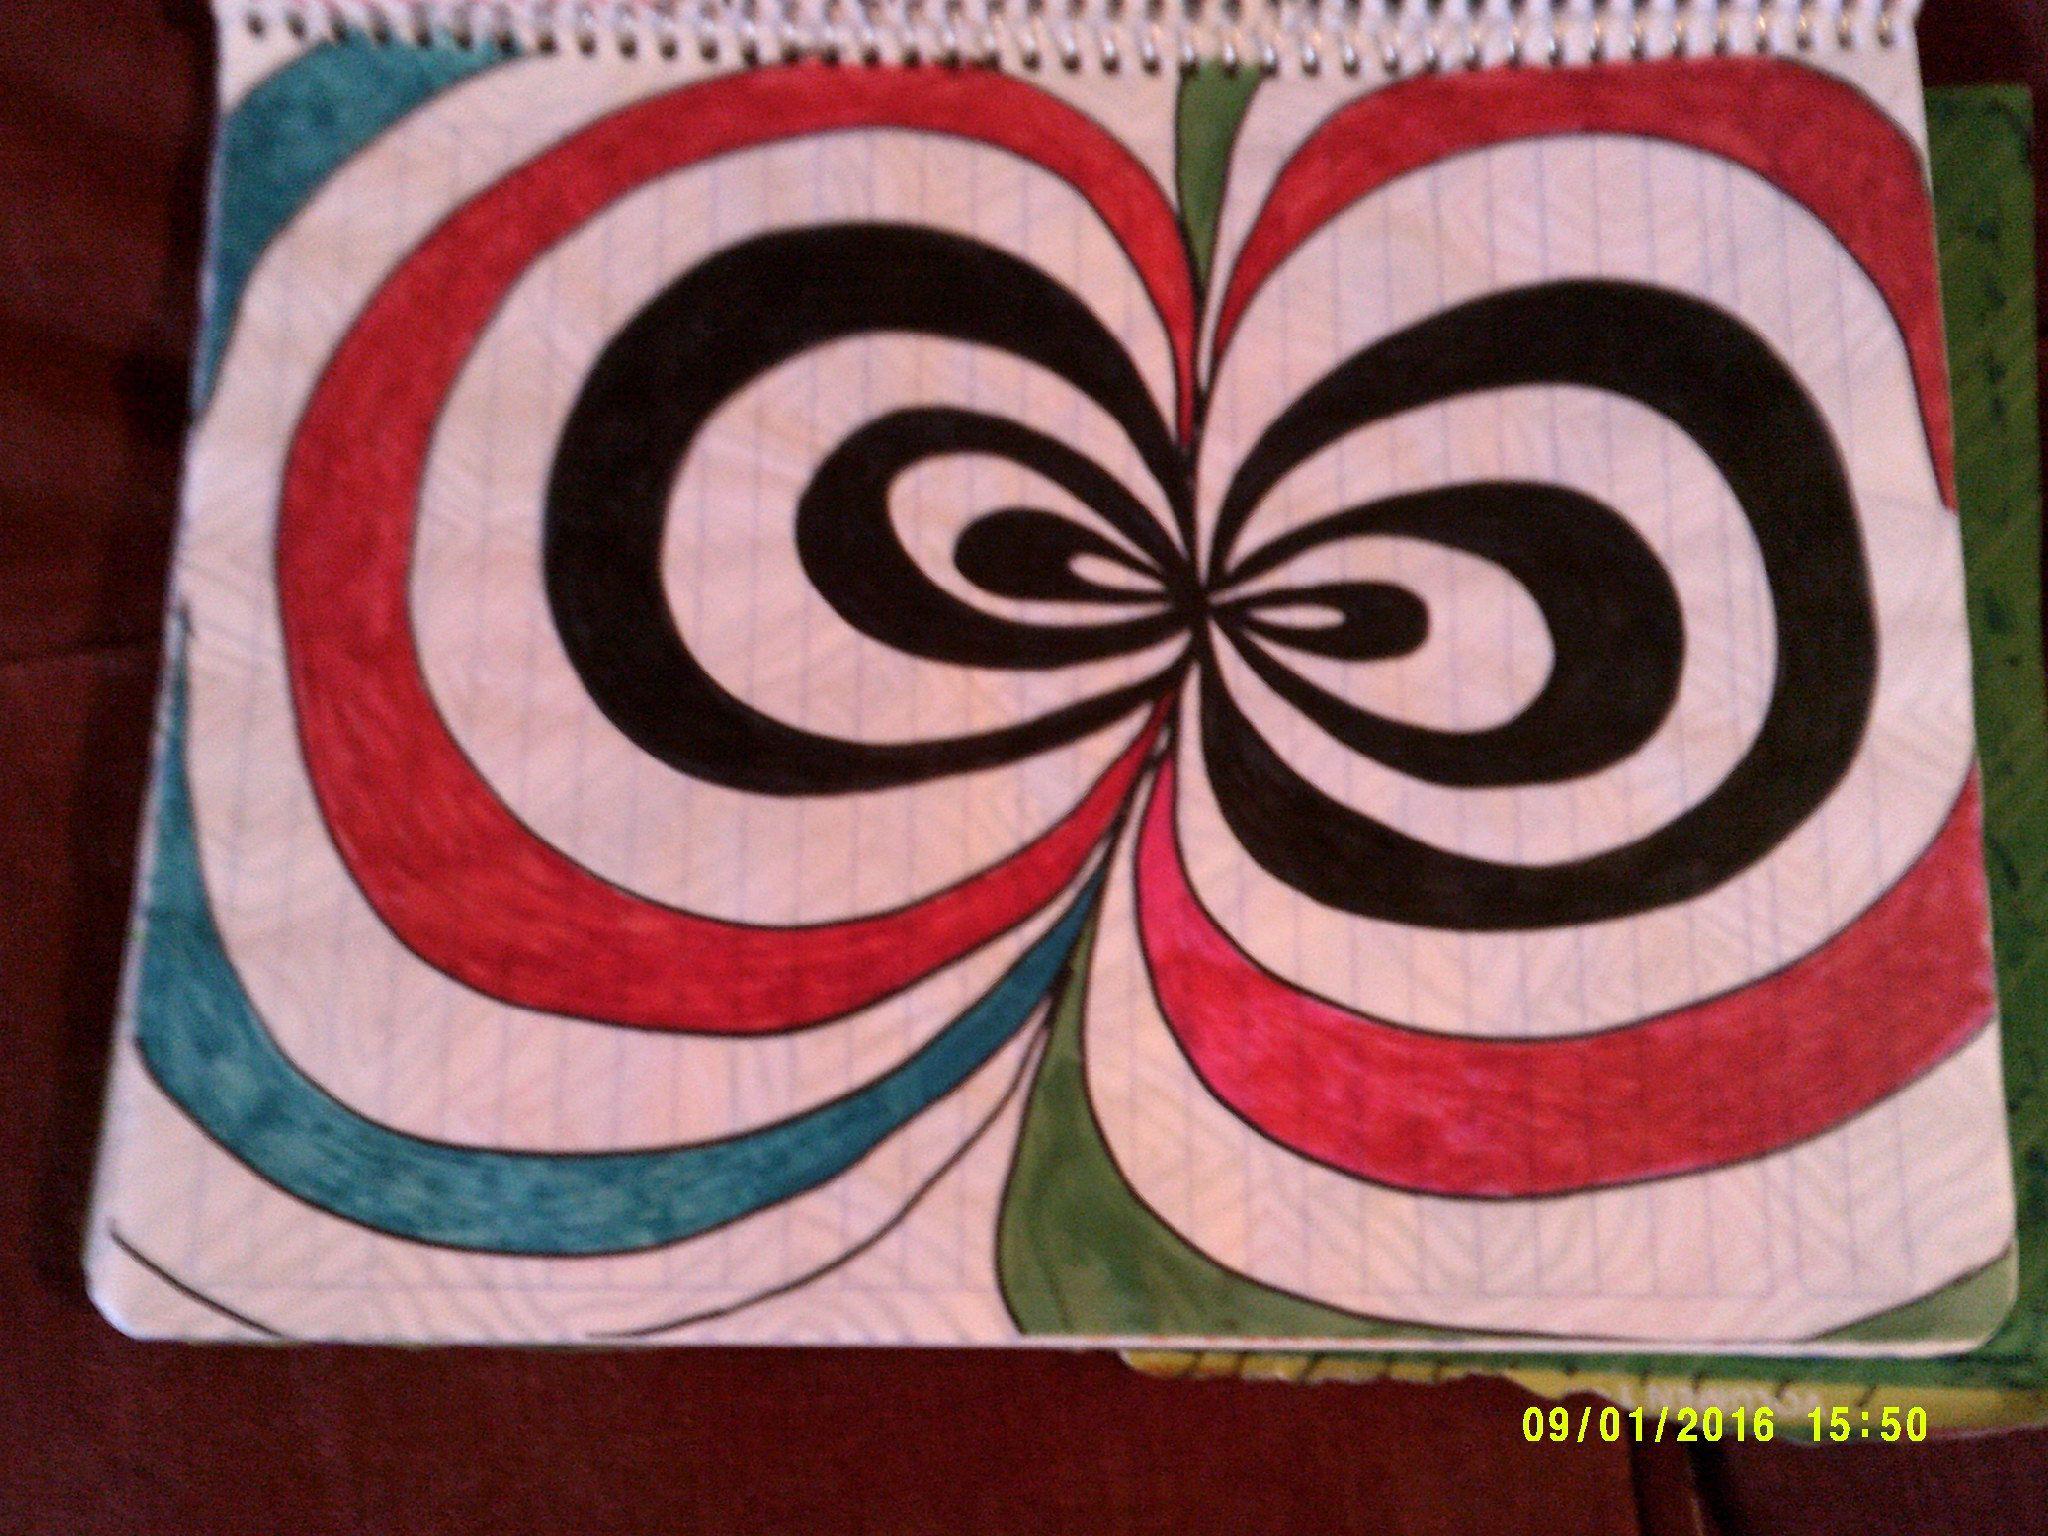 Dibujo Hecho Con Marcadores Marcadores Dibujos